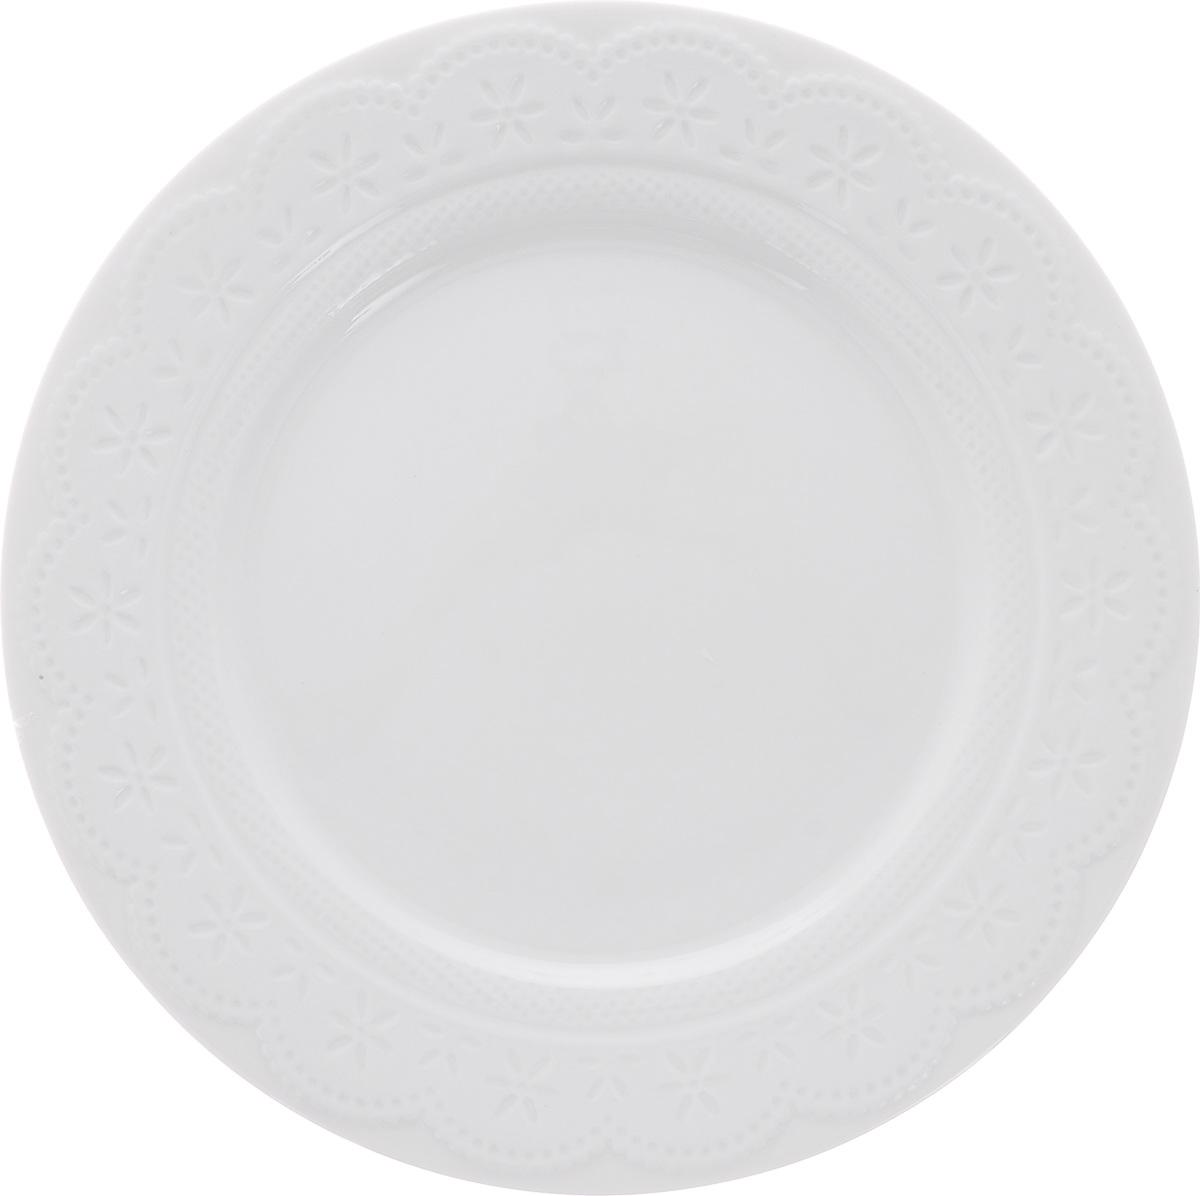 Тарелка десертная Walmer Charlotte, цвет: белый, диаметр 21 смW07330021Десертная тарелка Walmer Charlotte выполнена из высококачественного фарфора. Изящный дизайн придется по вкусу и ценителям классики, и тем, кто предпочитает утонченность. Тарелка Walmer Charlotte, идеально подойдет для сервировки стола и станет отличным подарком к любому празднику. Можно использовать в микроволновой печи и мыть в посудомоечных машинах.